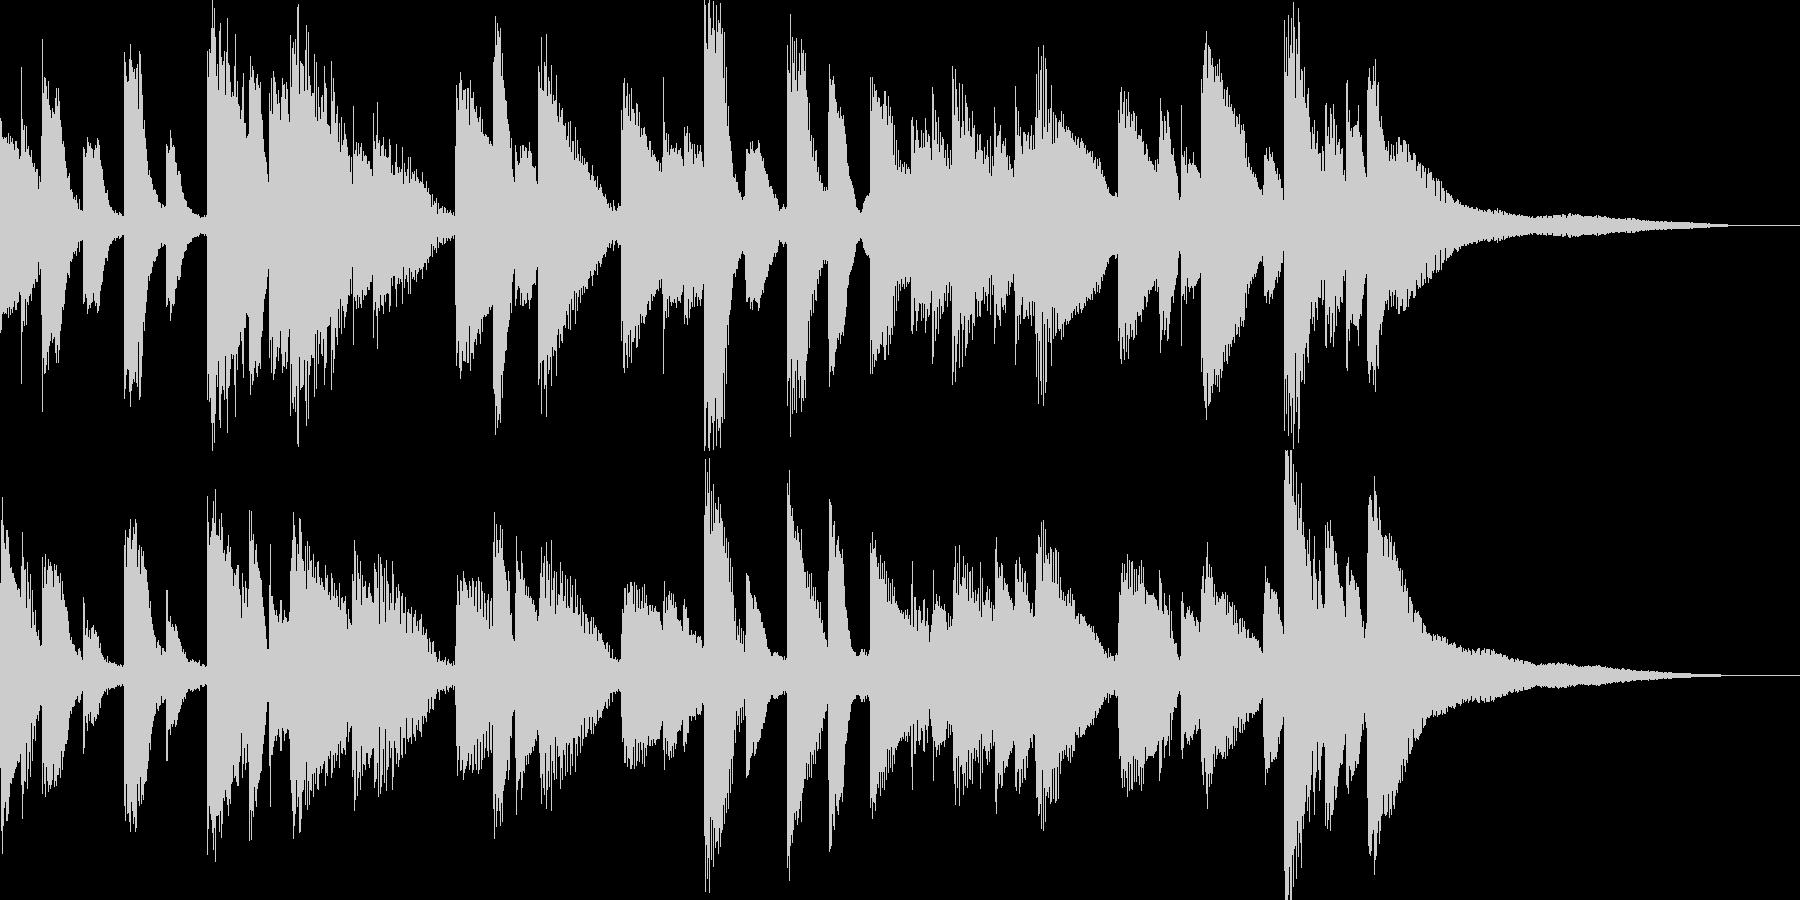 ジャズテイストのバラードの未再生の波形